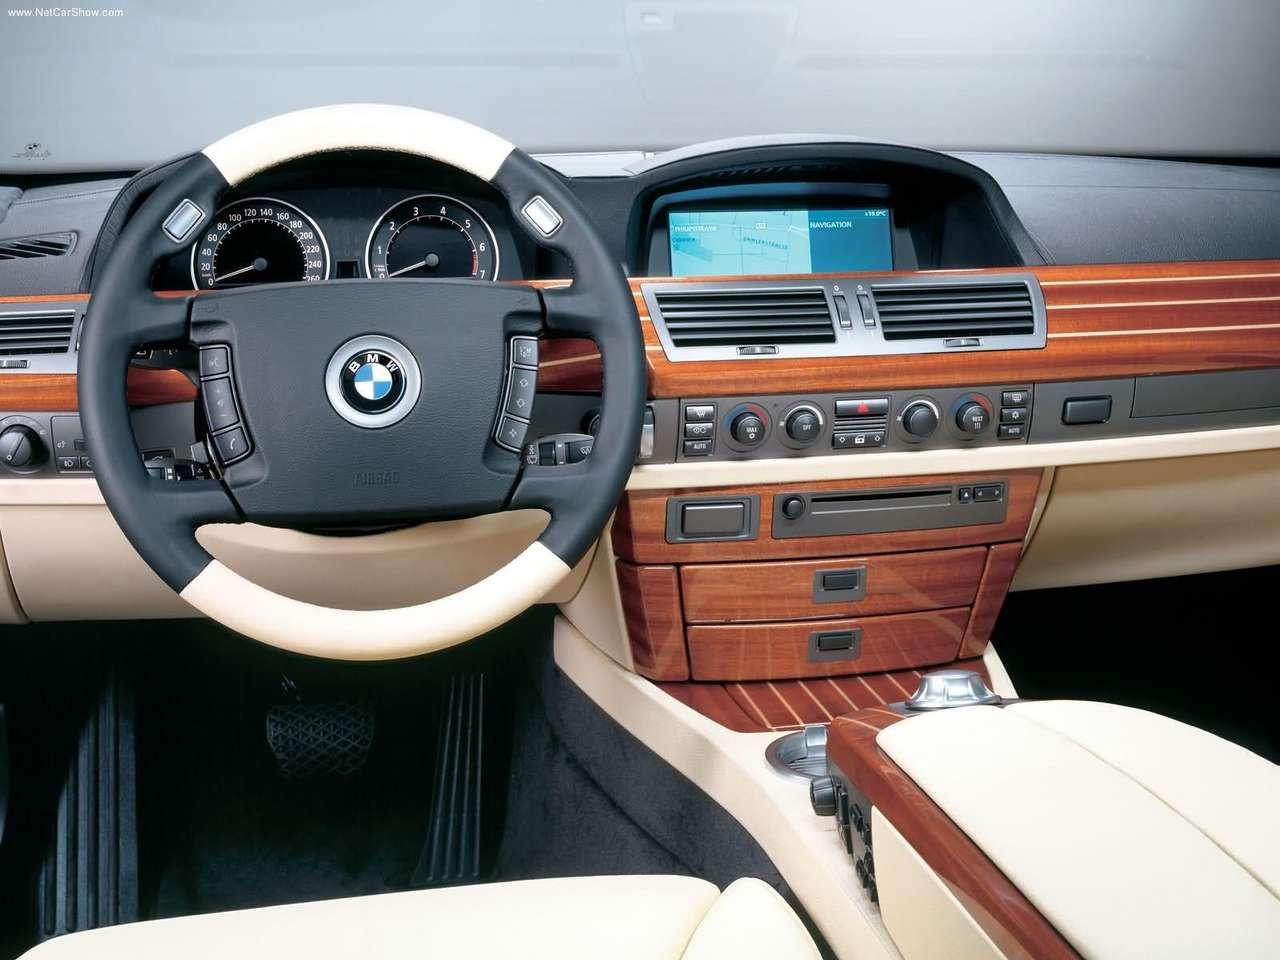 http://4.bp.blogspot.com/_xhqjRo6NERQ/S68c92bHwtI/AAAAAAAAGY8/EKpFkq29vkM/s1600/BMW-760Li_Yachtline_Concept_2002_1280x960_wallpaper_05.jpg